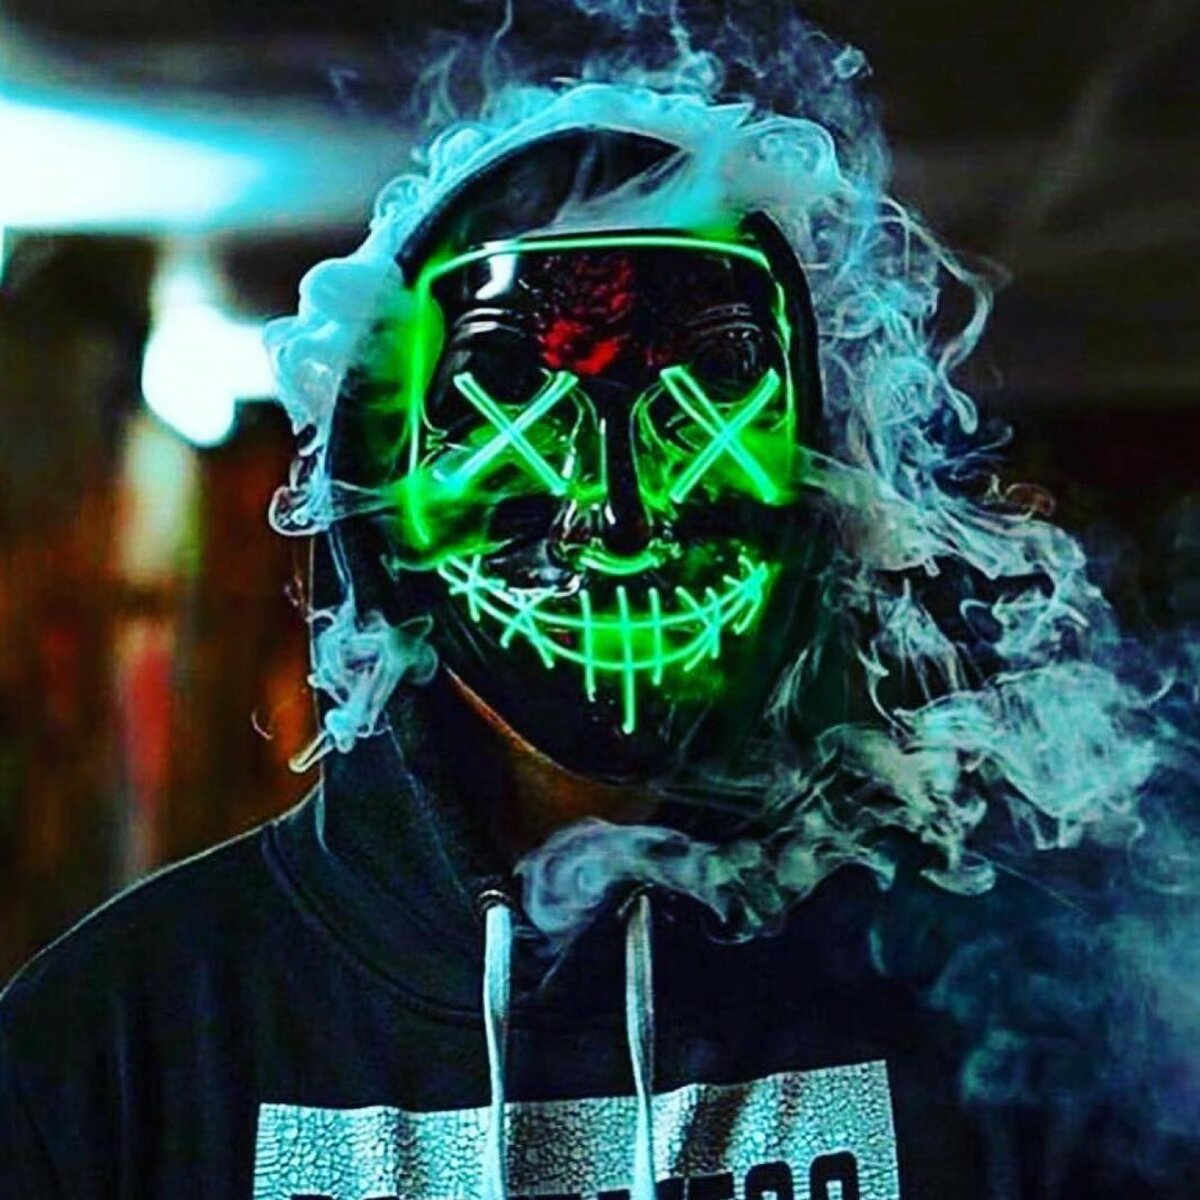 крутые картинки с маской светящейся осуществляем изготовление